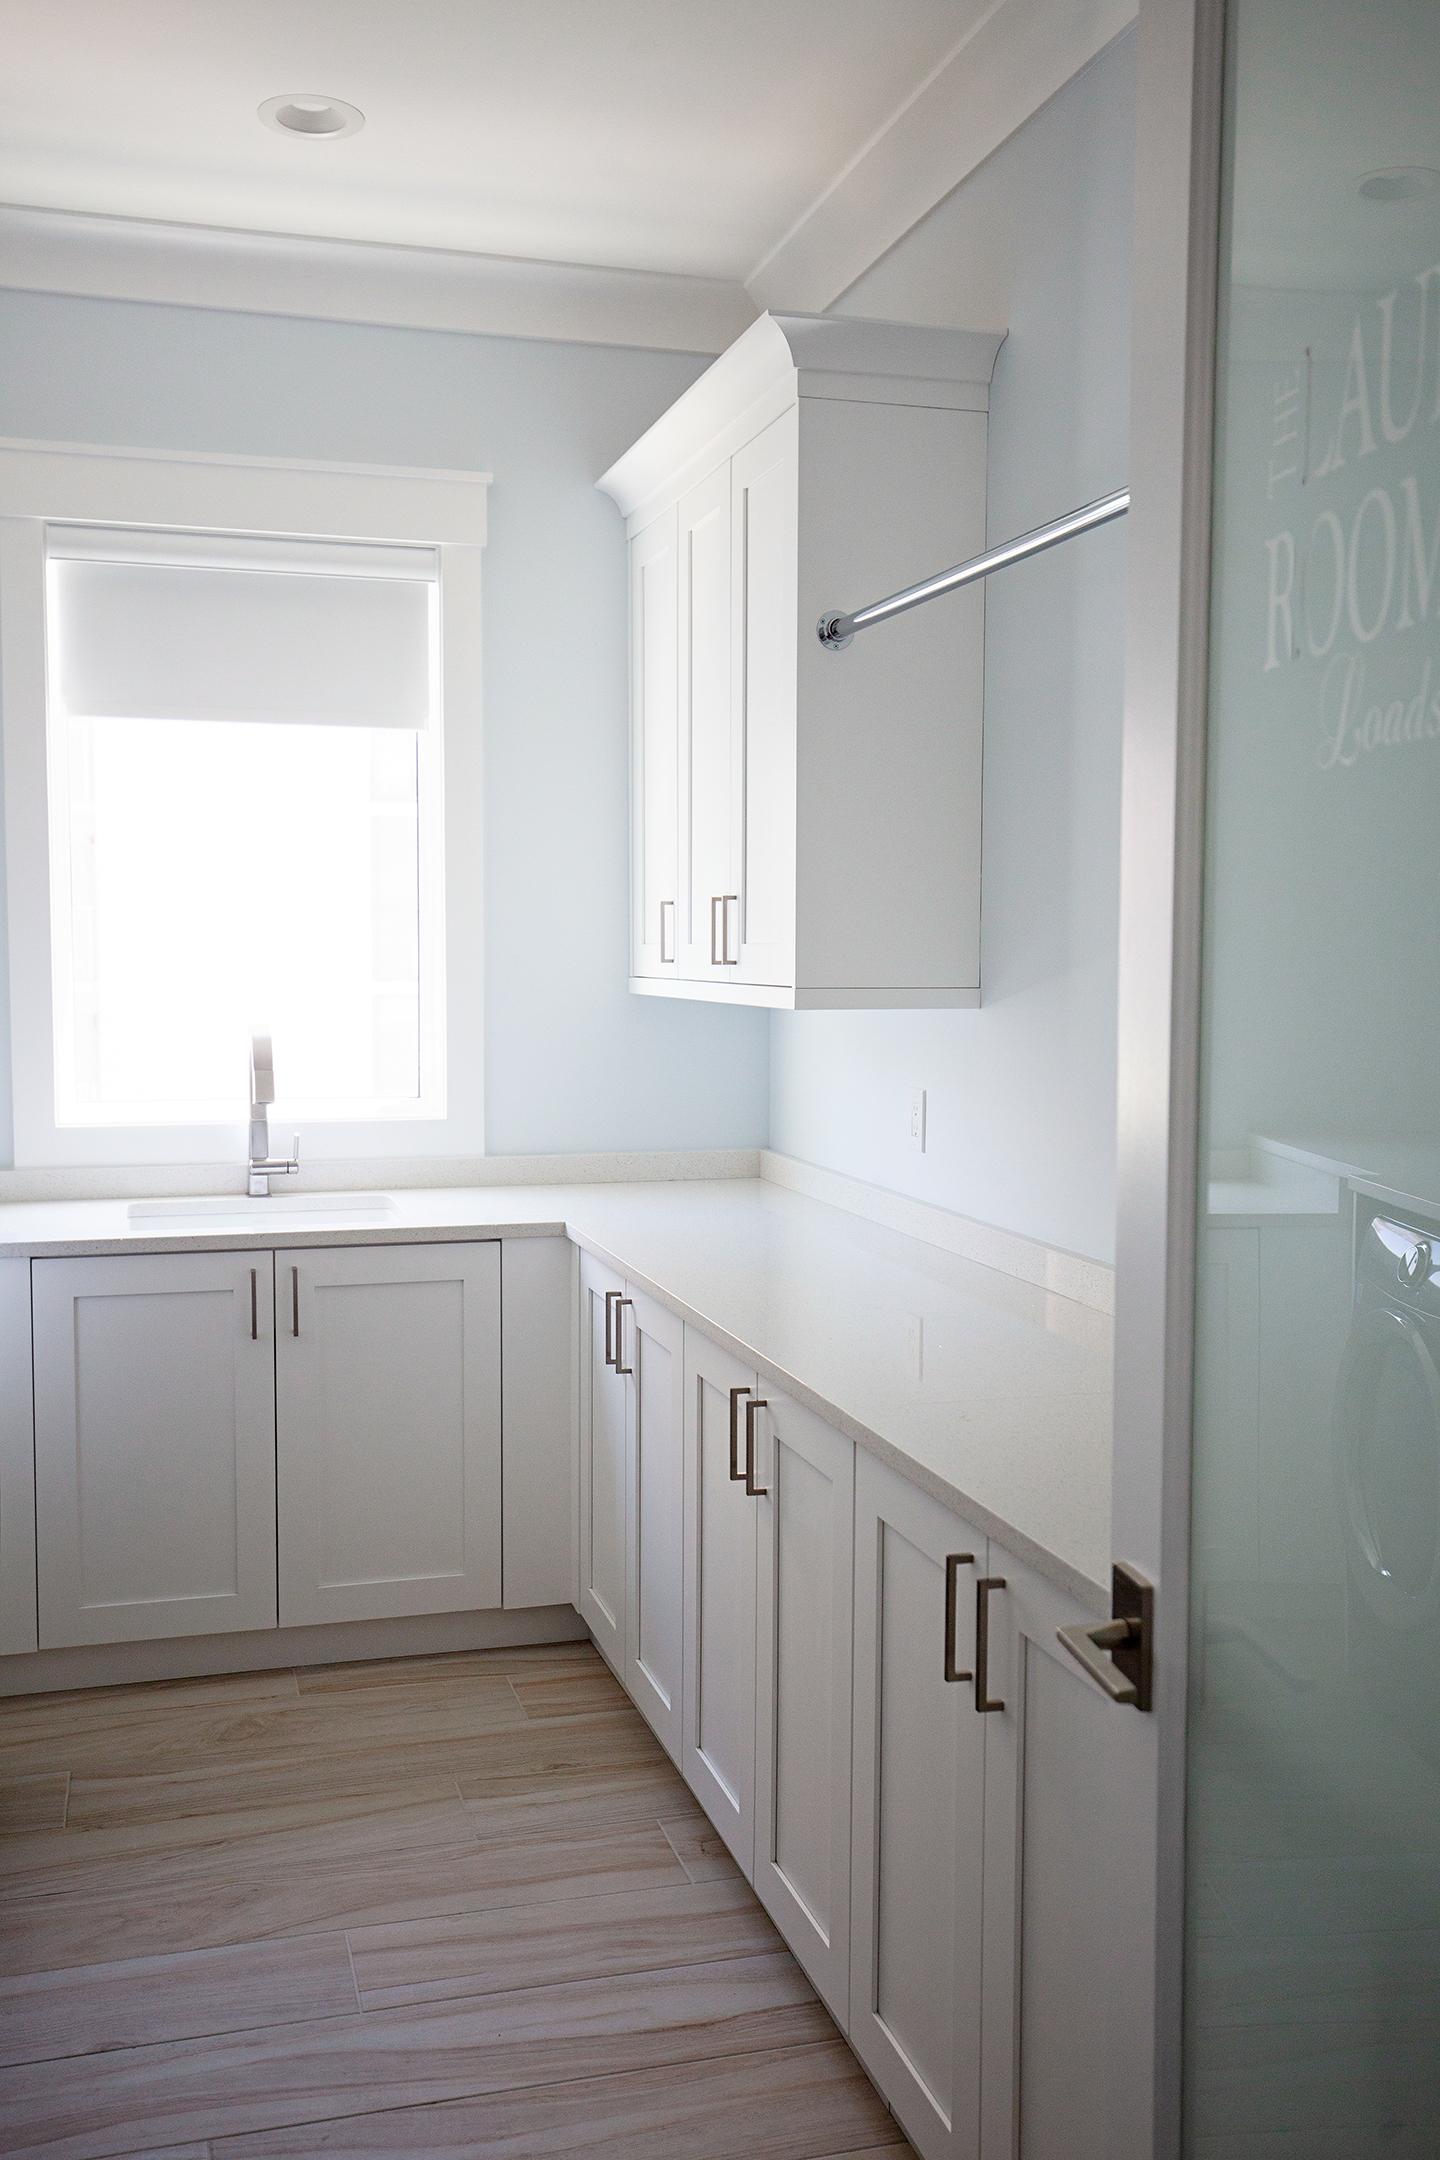 Marquis-Classico-Laundry-Room2